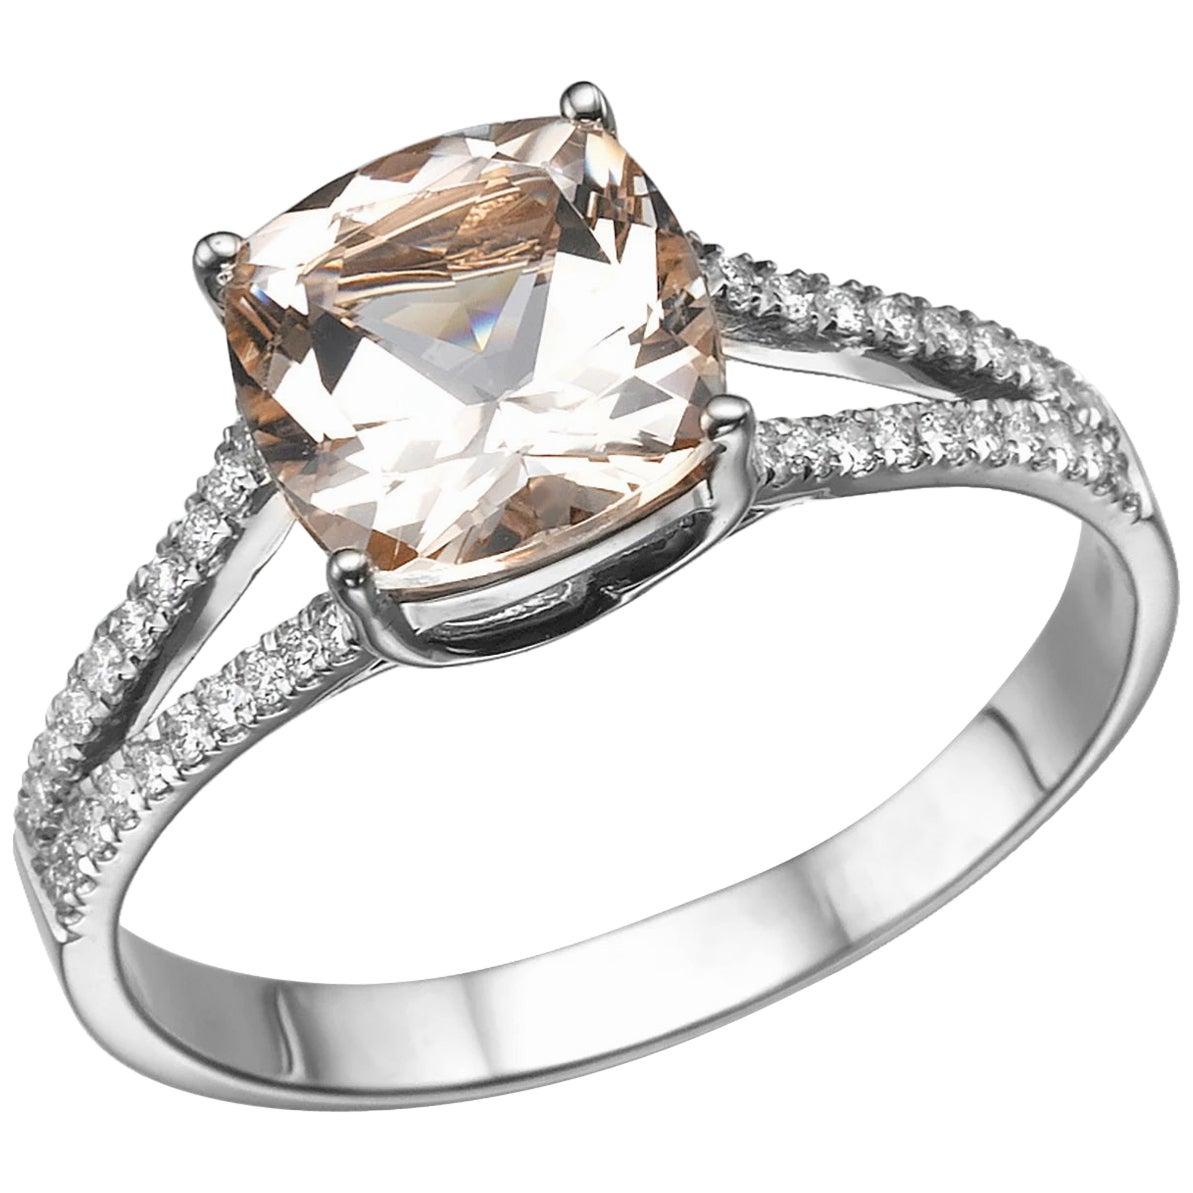 1.2 Karat 14 Karat White Gold Morganite and Diamonds Cushion Engagement Ring